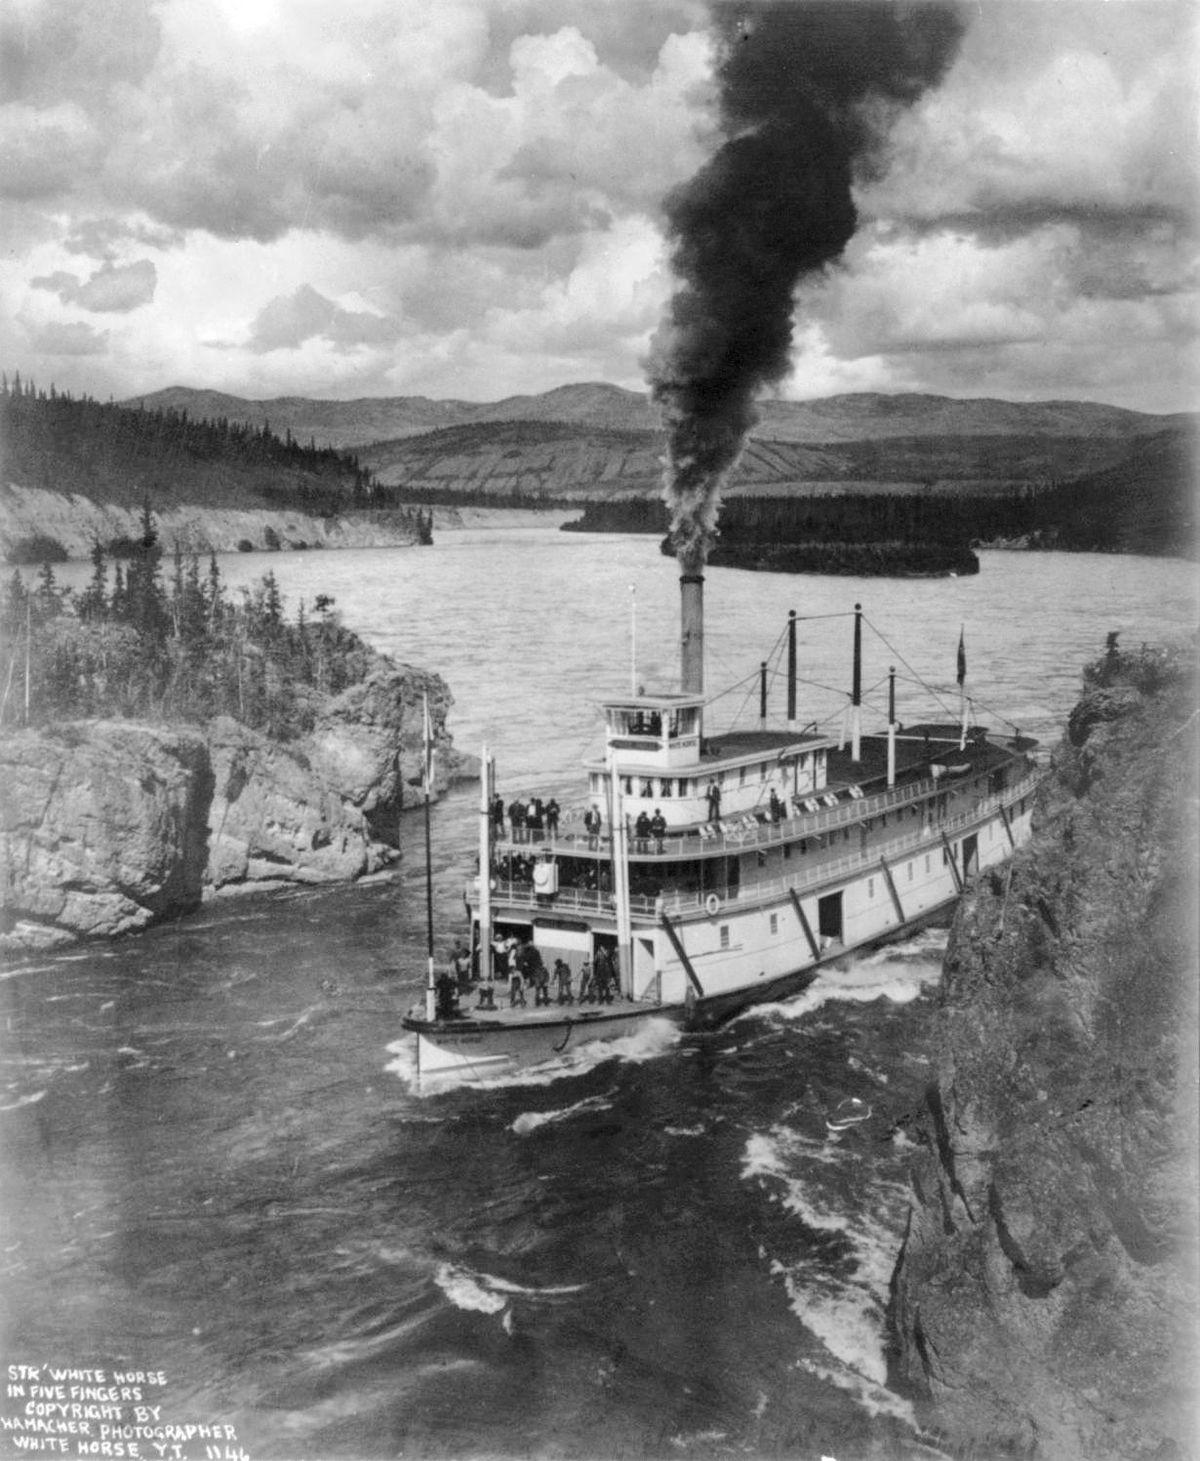 steamboats of the yukon river wikipedia